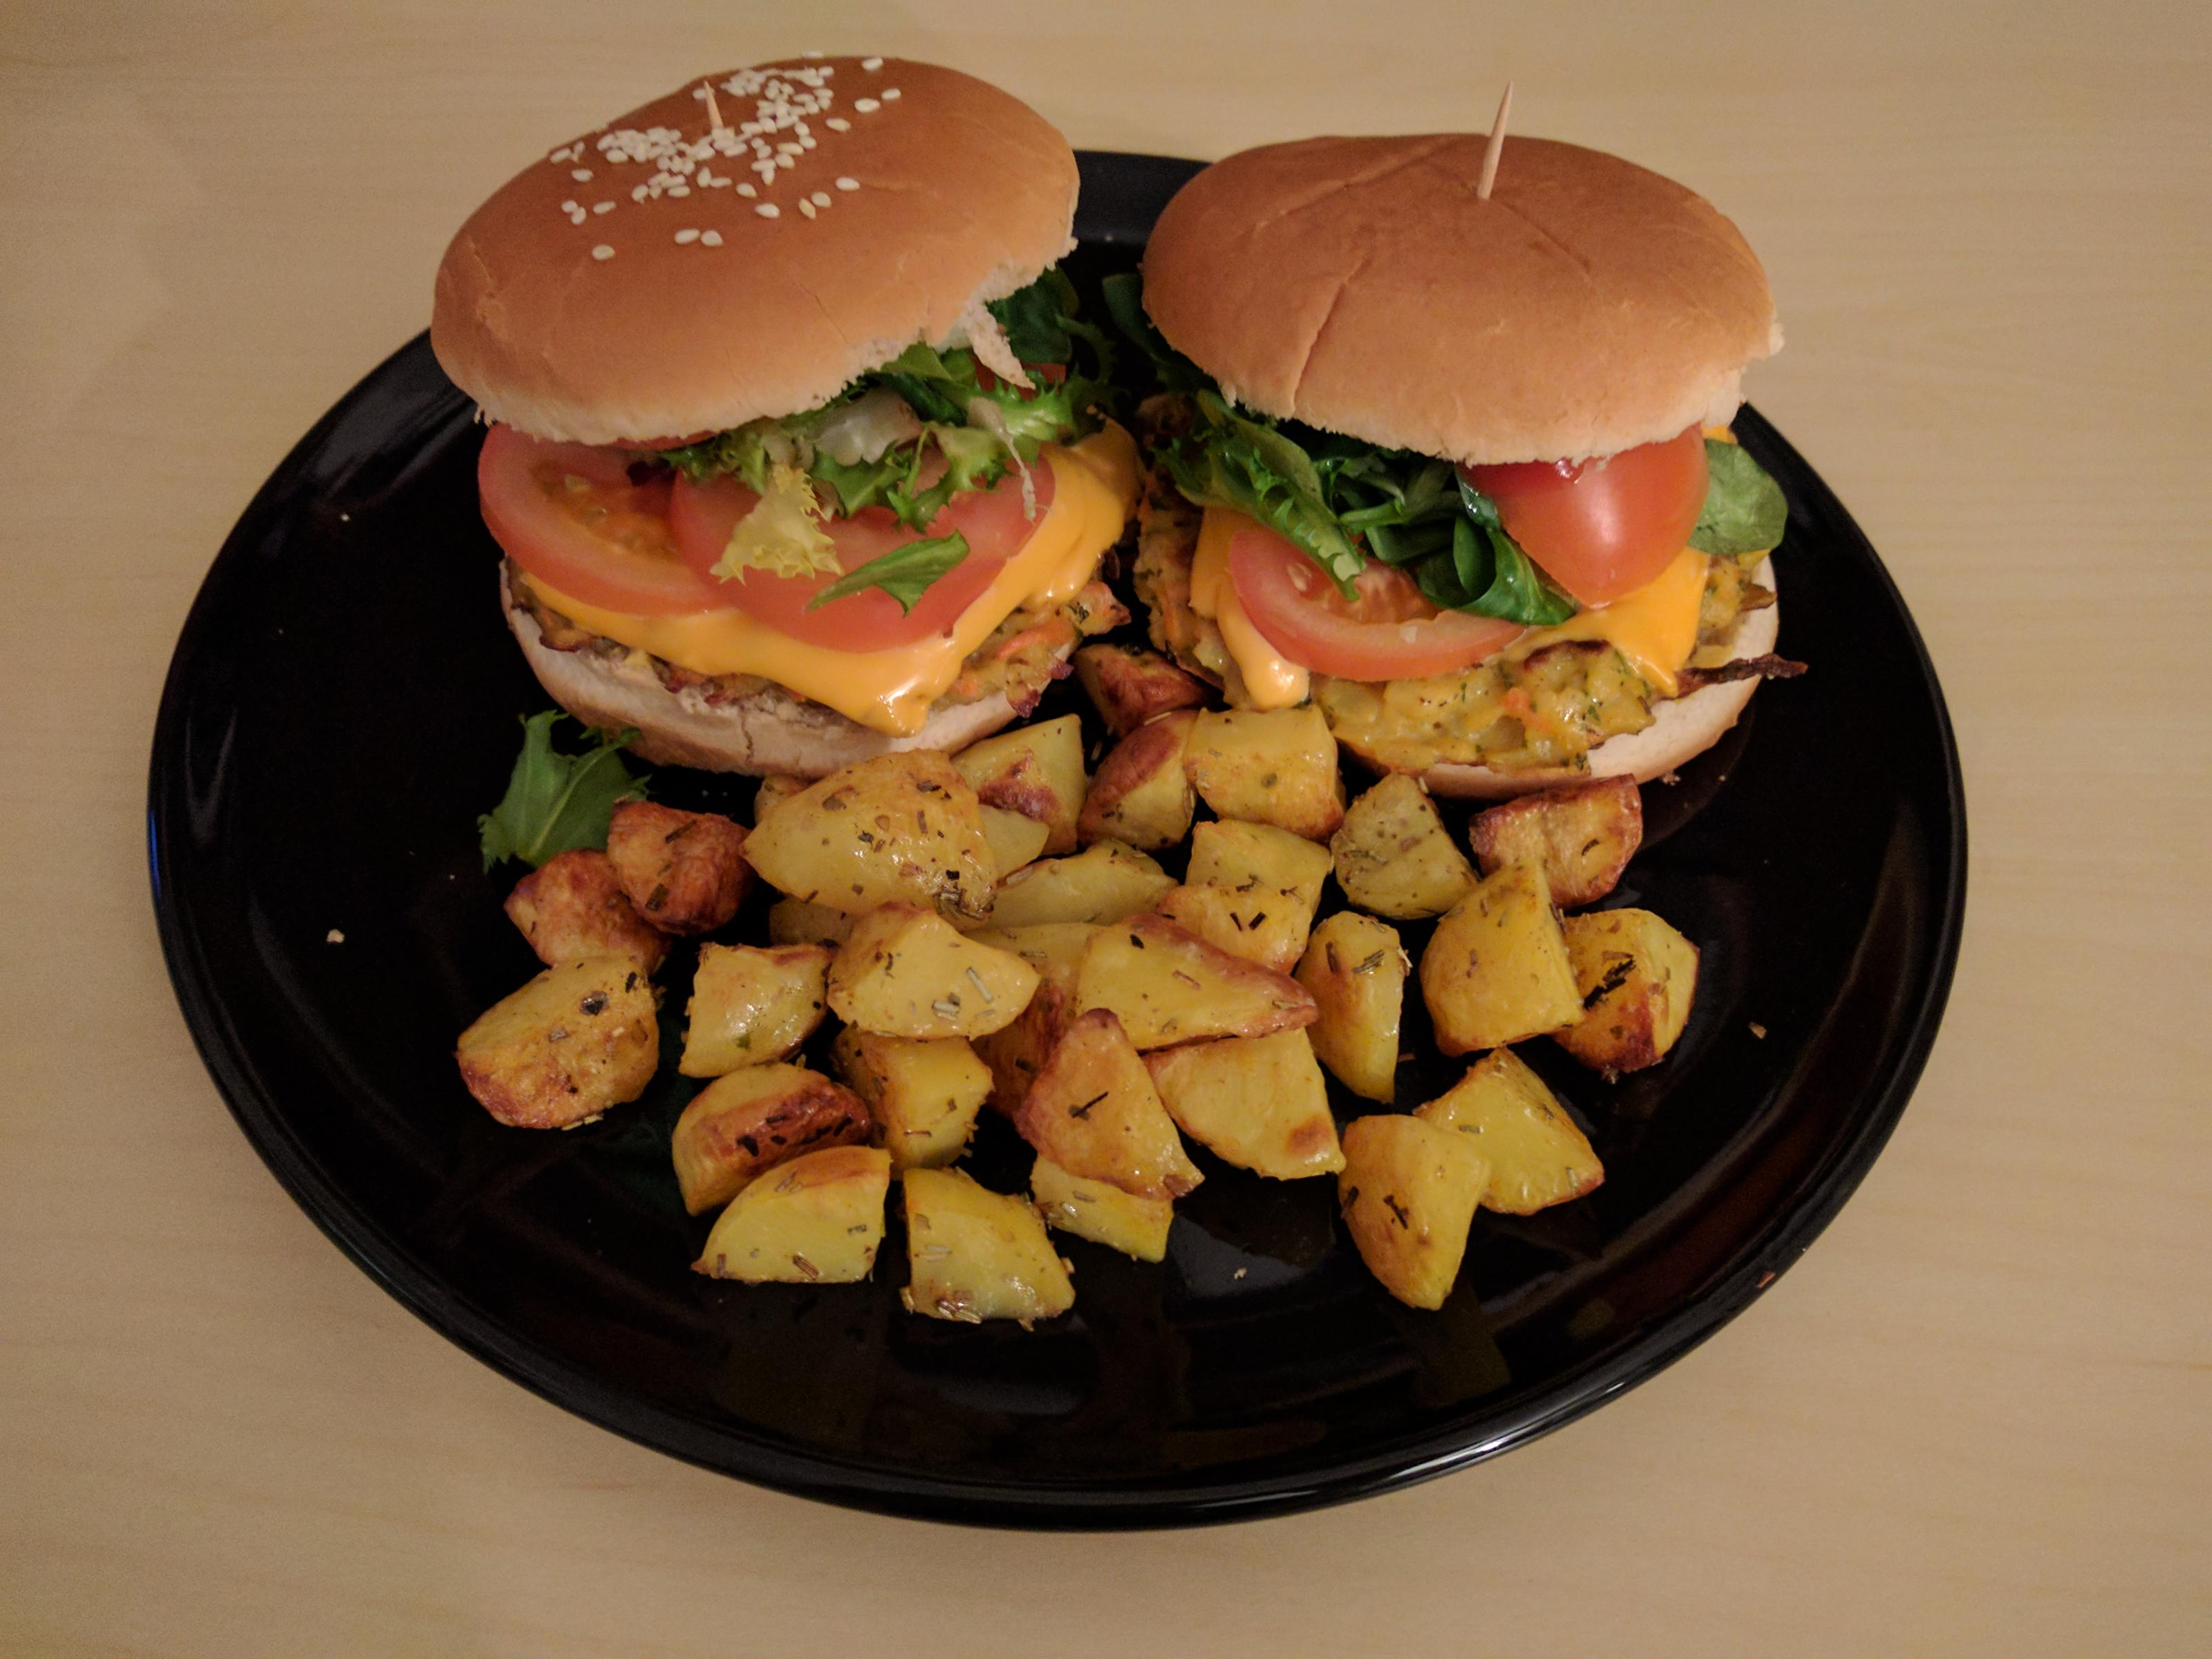 Vegetarischer Burger mit Ofenkartoffeln - Rezept Eingereicht von Strawberryfairy